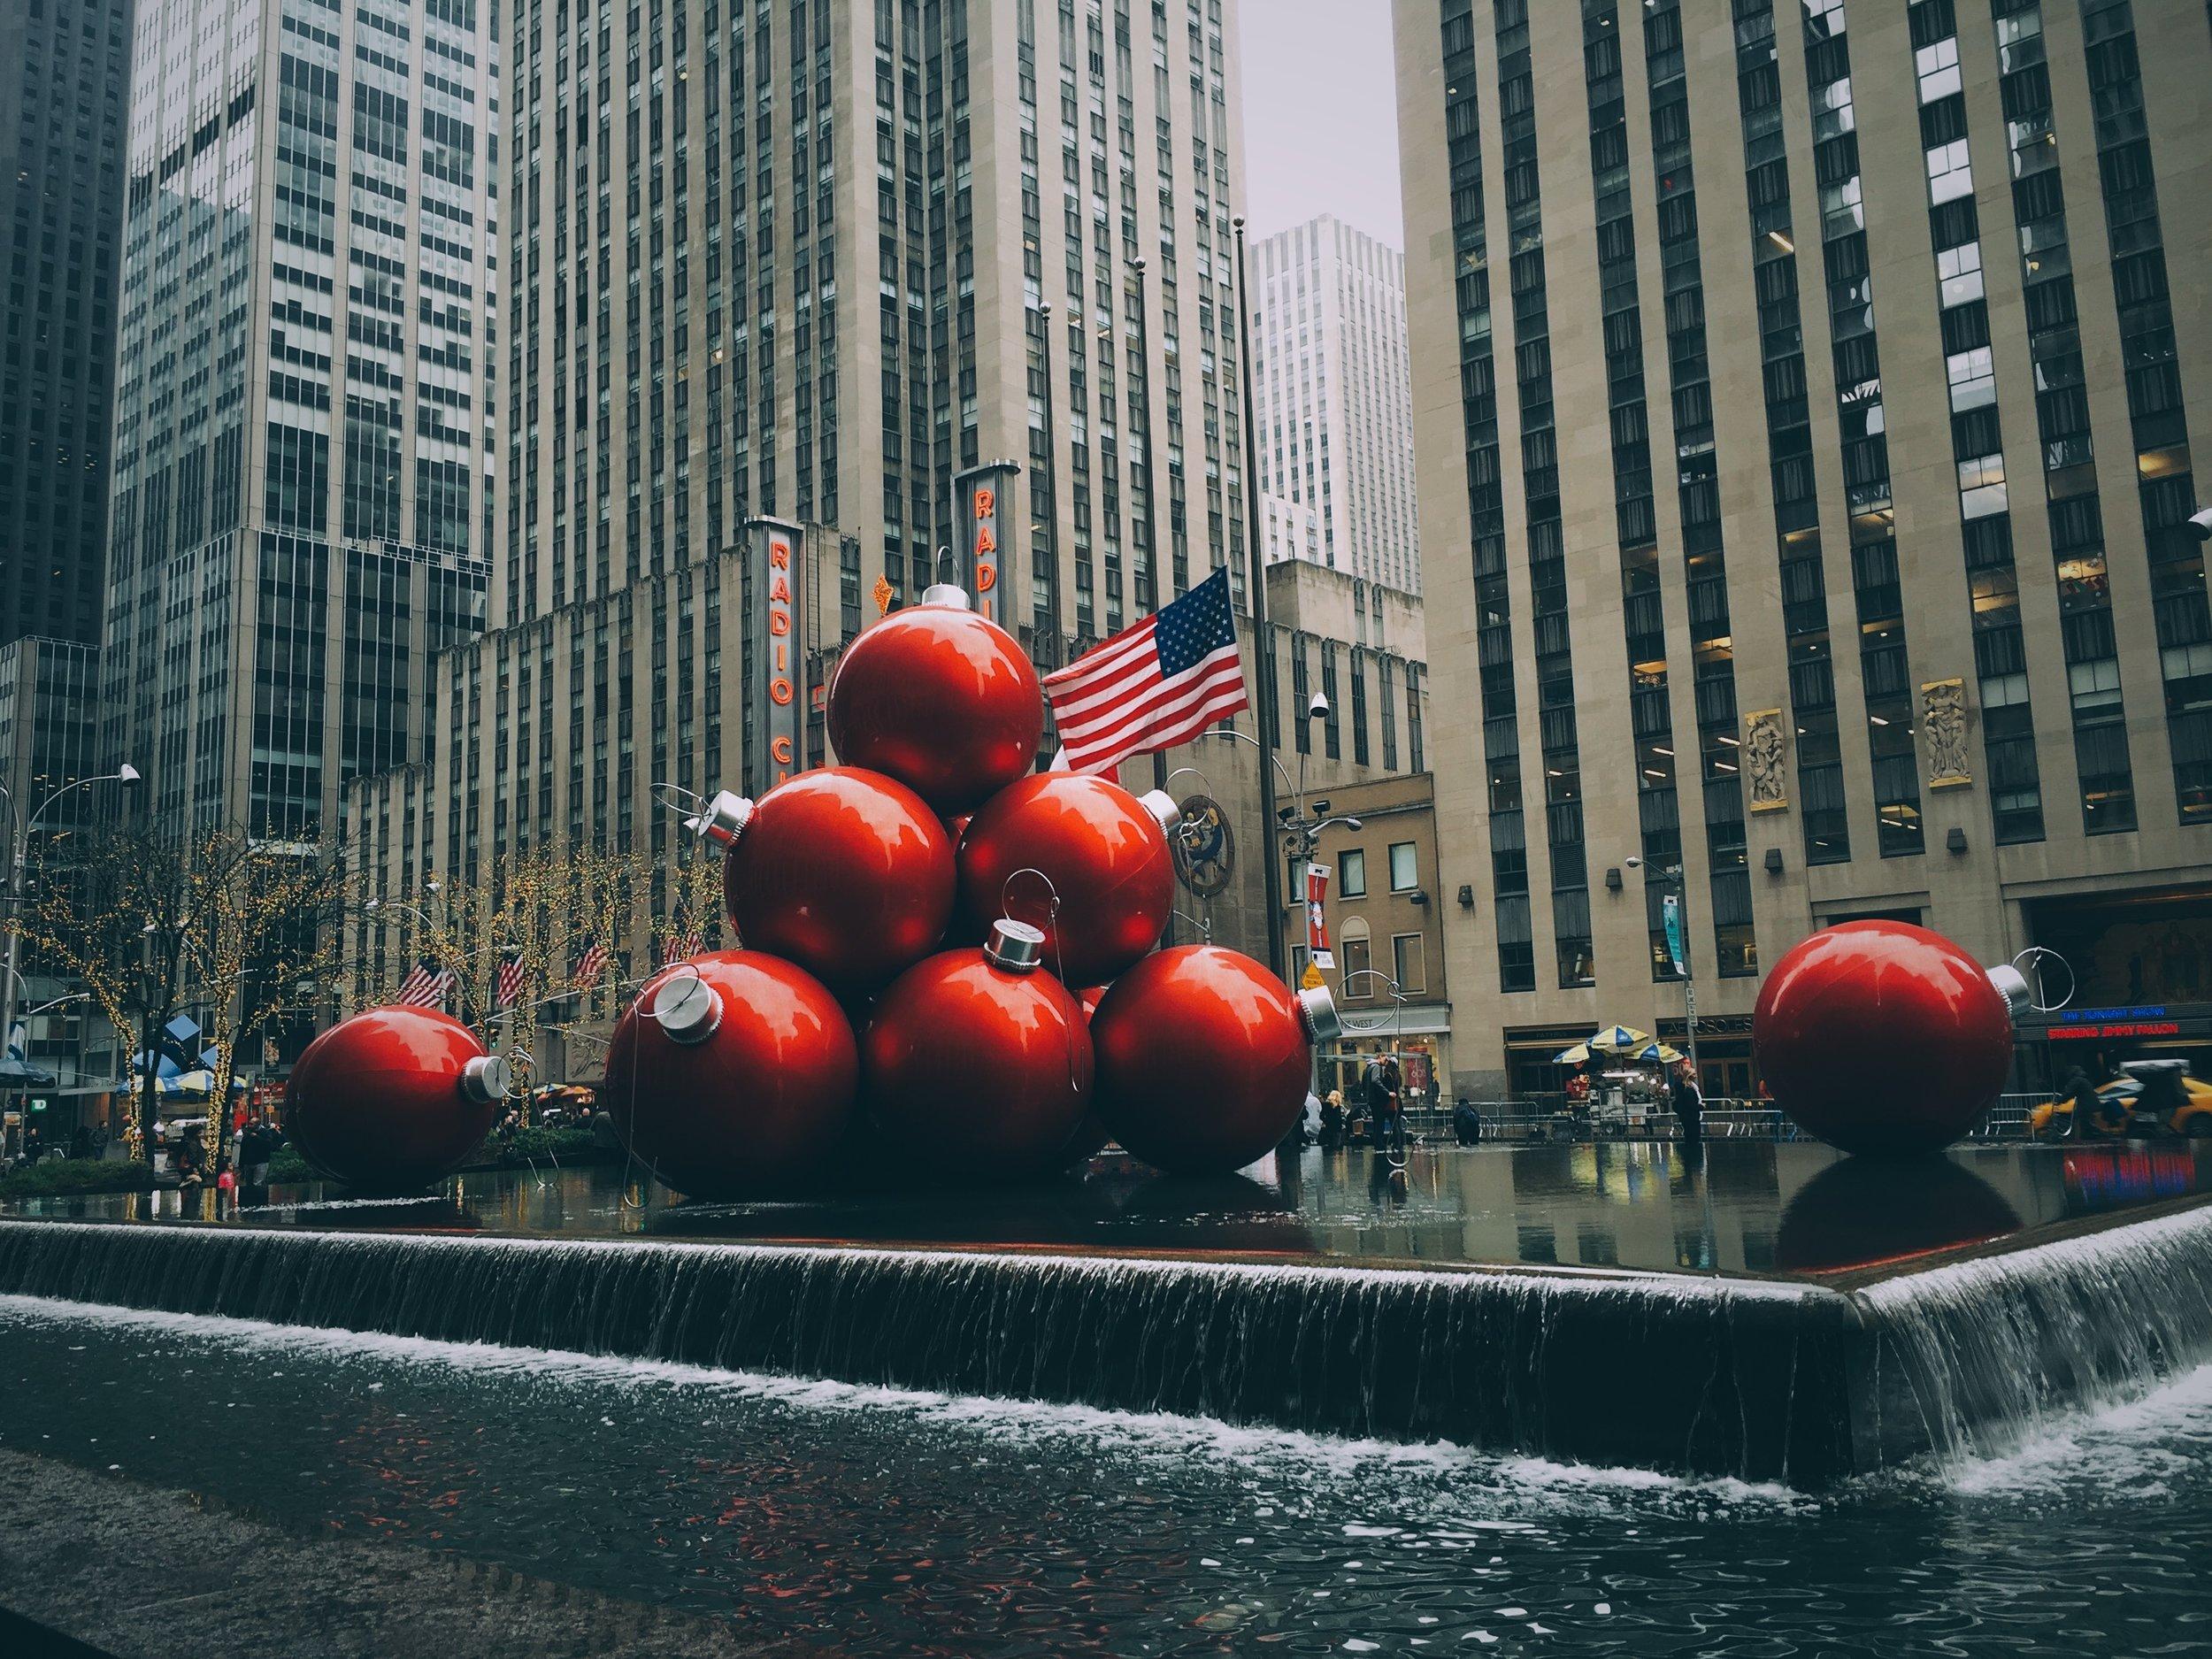 New York - Muy pocas ciudades en el Mundo celebran las Navidades como la Gran Manzana. La diversidad cultural de la ciudad es la que hace que durante esta época la misma se inunde de celebraciones de todo tipo que te permitirán vivir las Navidades como una época única.